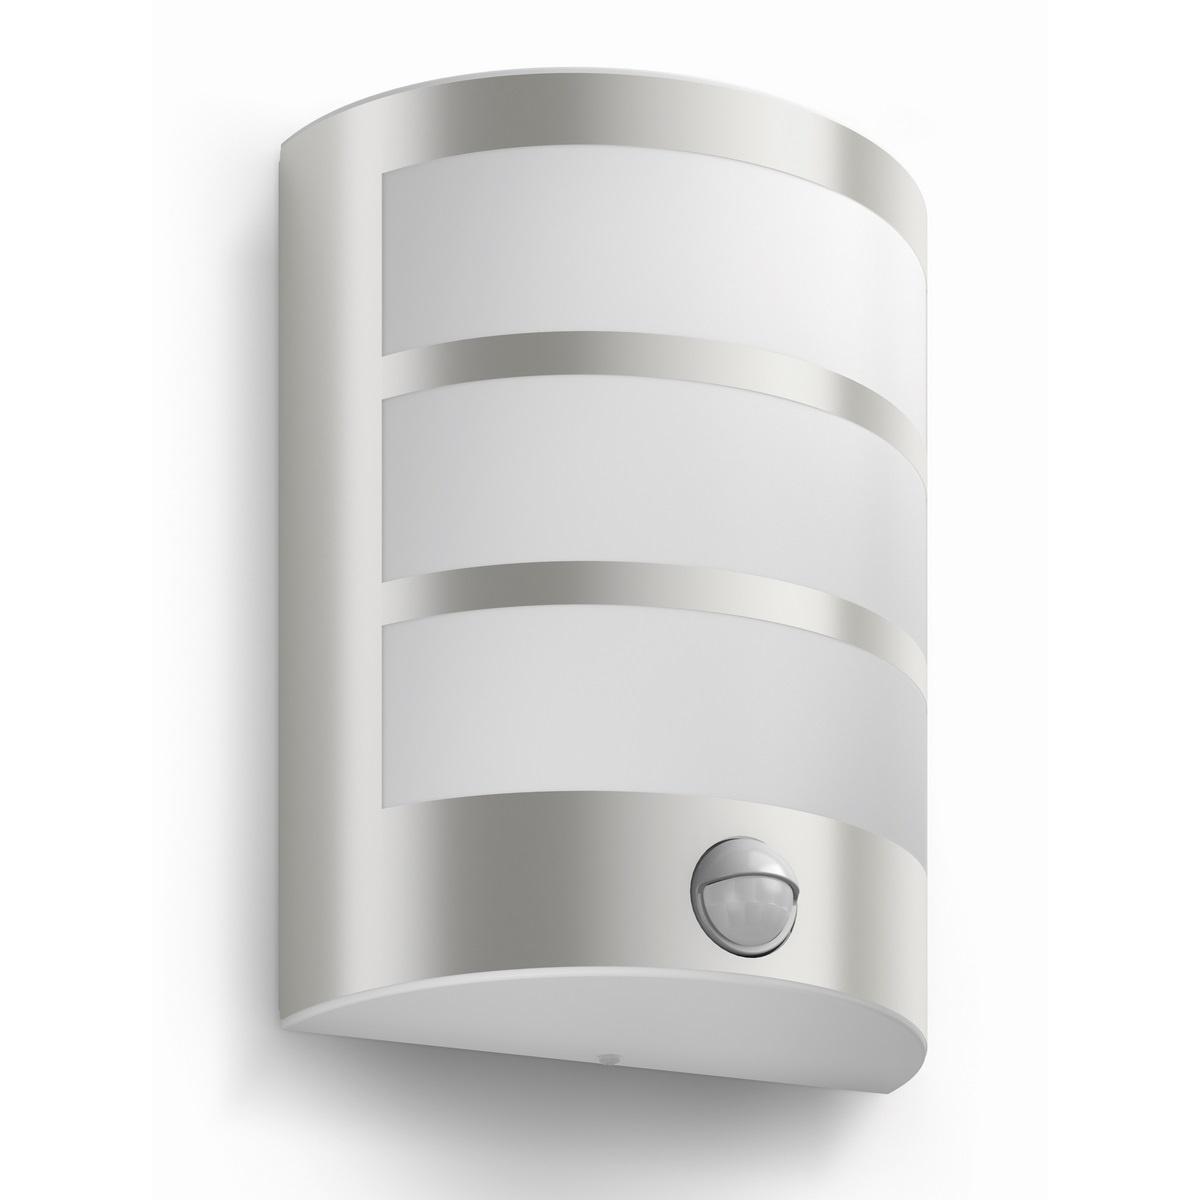 Philips 17324/47/16 Python Vonkajšie nástenné LED svietidlo s čidlom 21 cm, strieborná